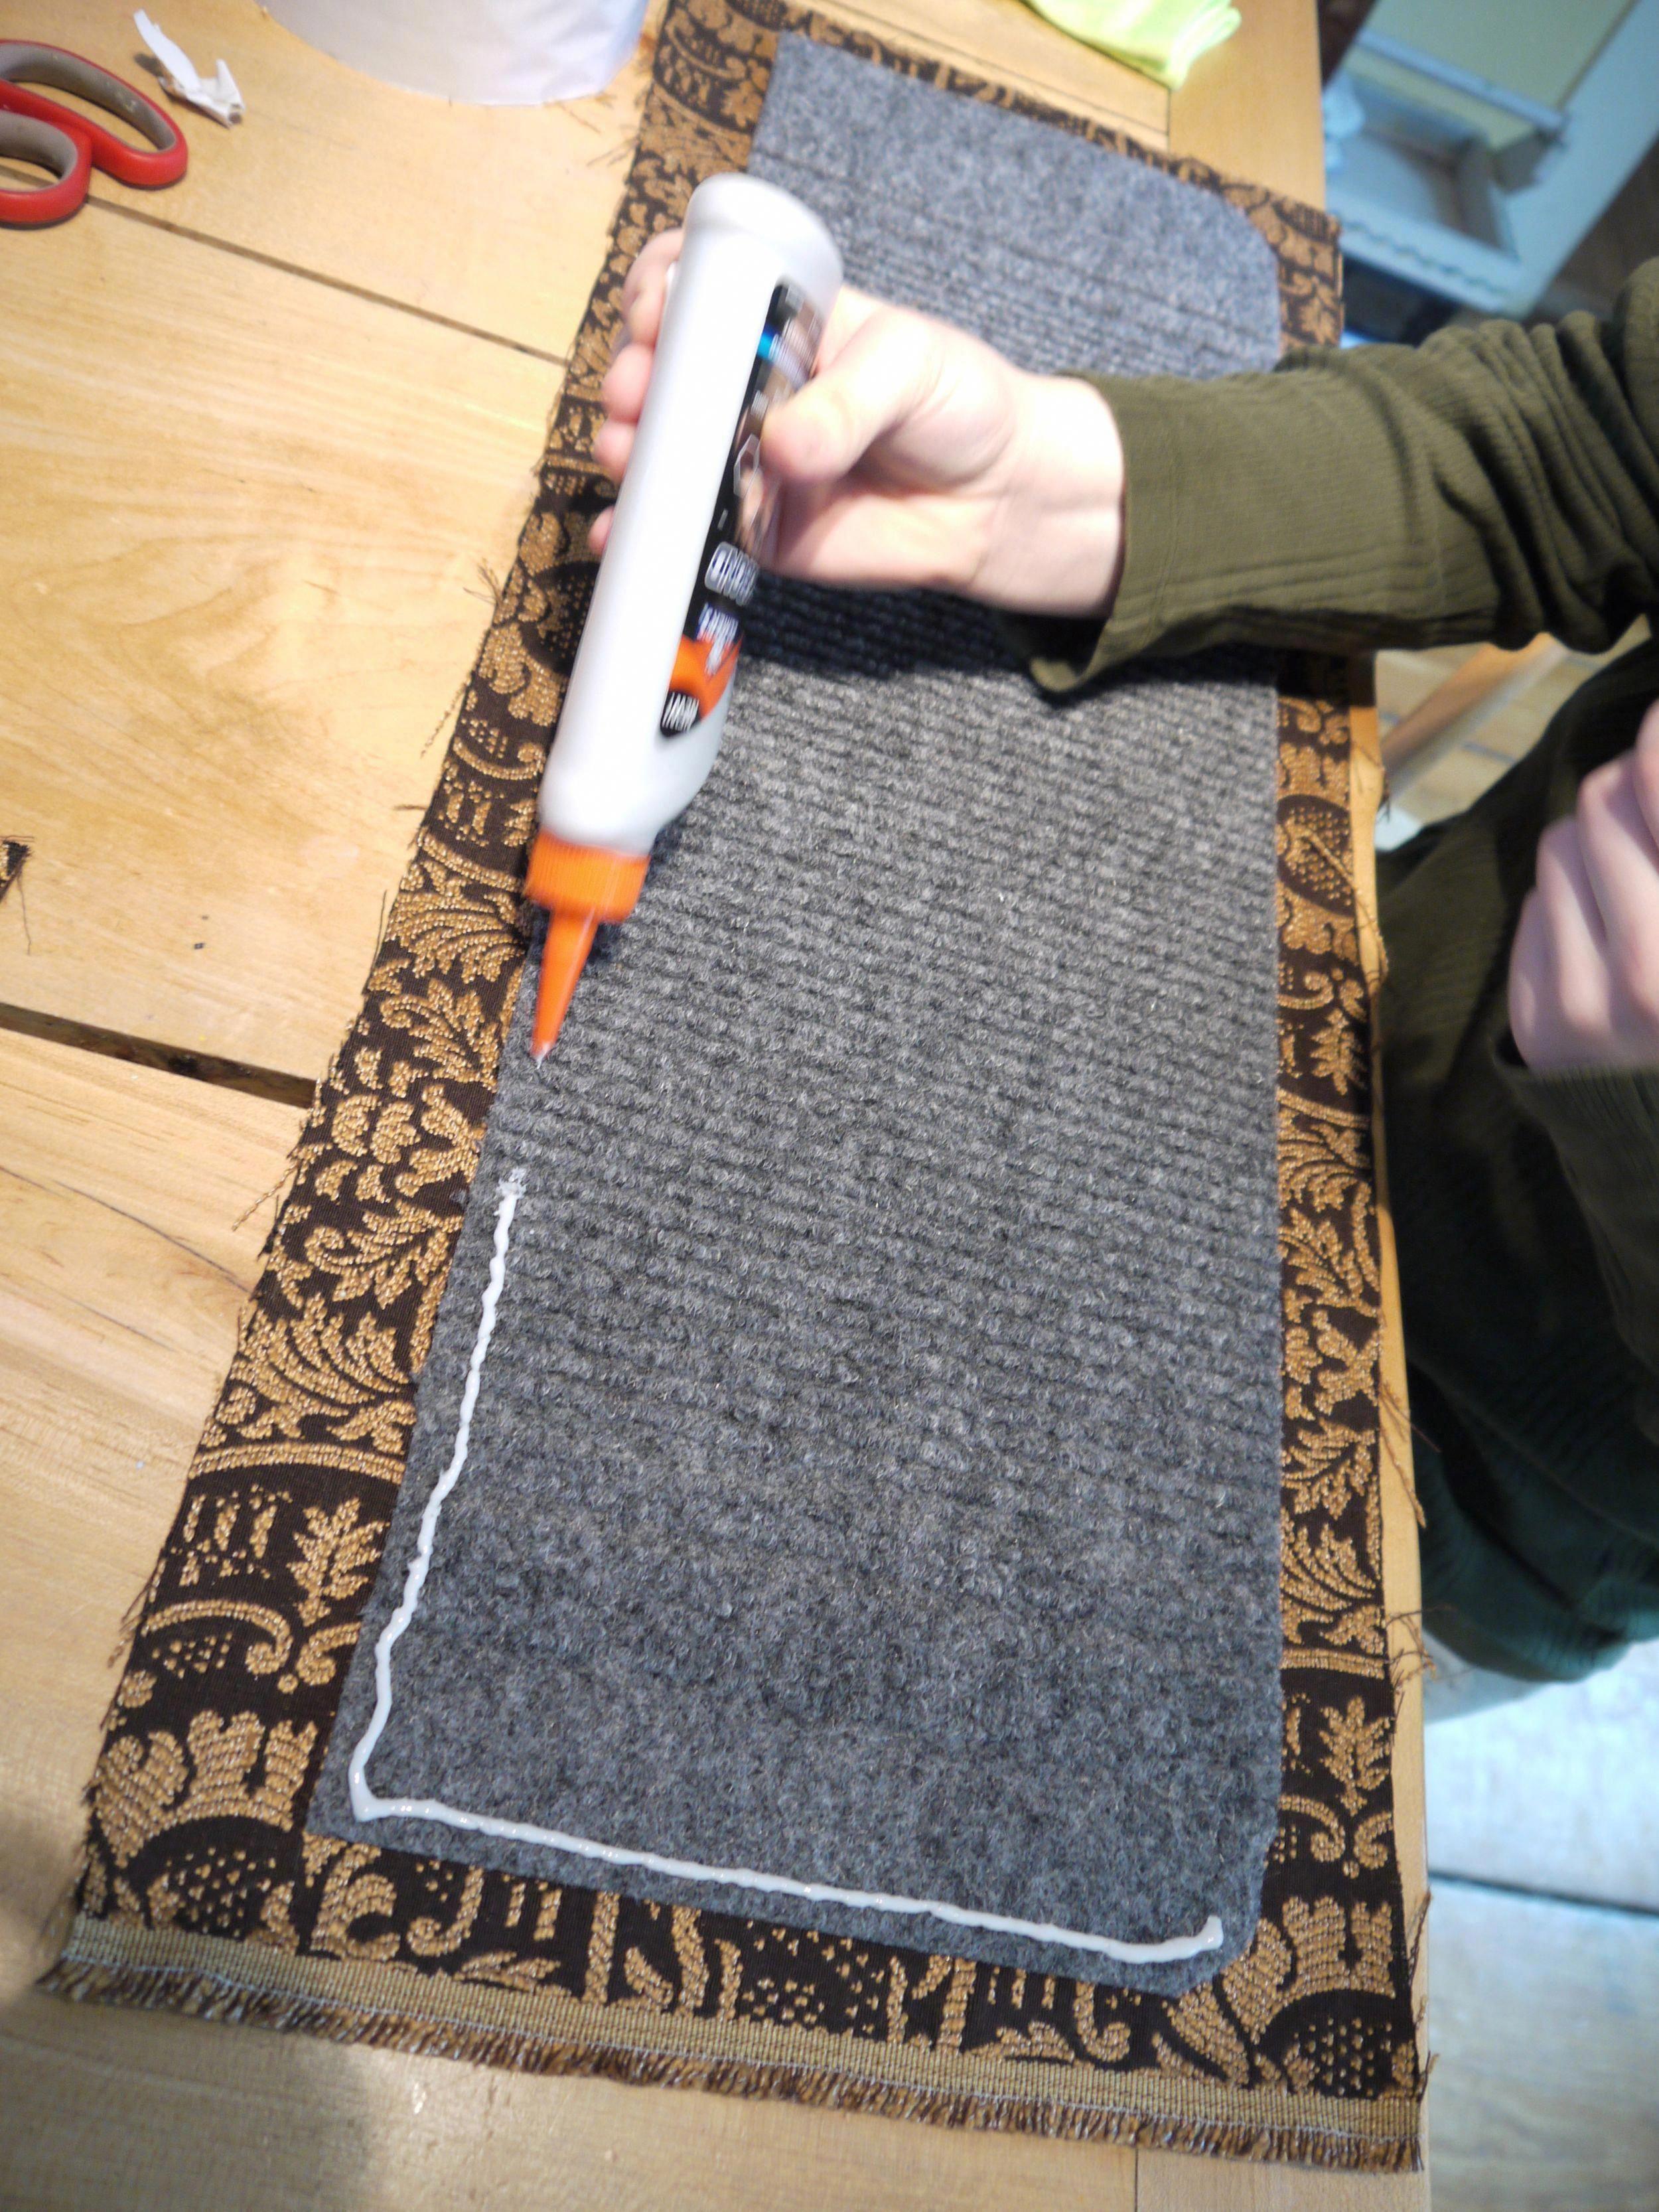 Best Carpets And Flooring Near Me Carpetrunnersbythefoot 640 x 480